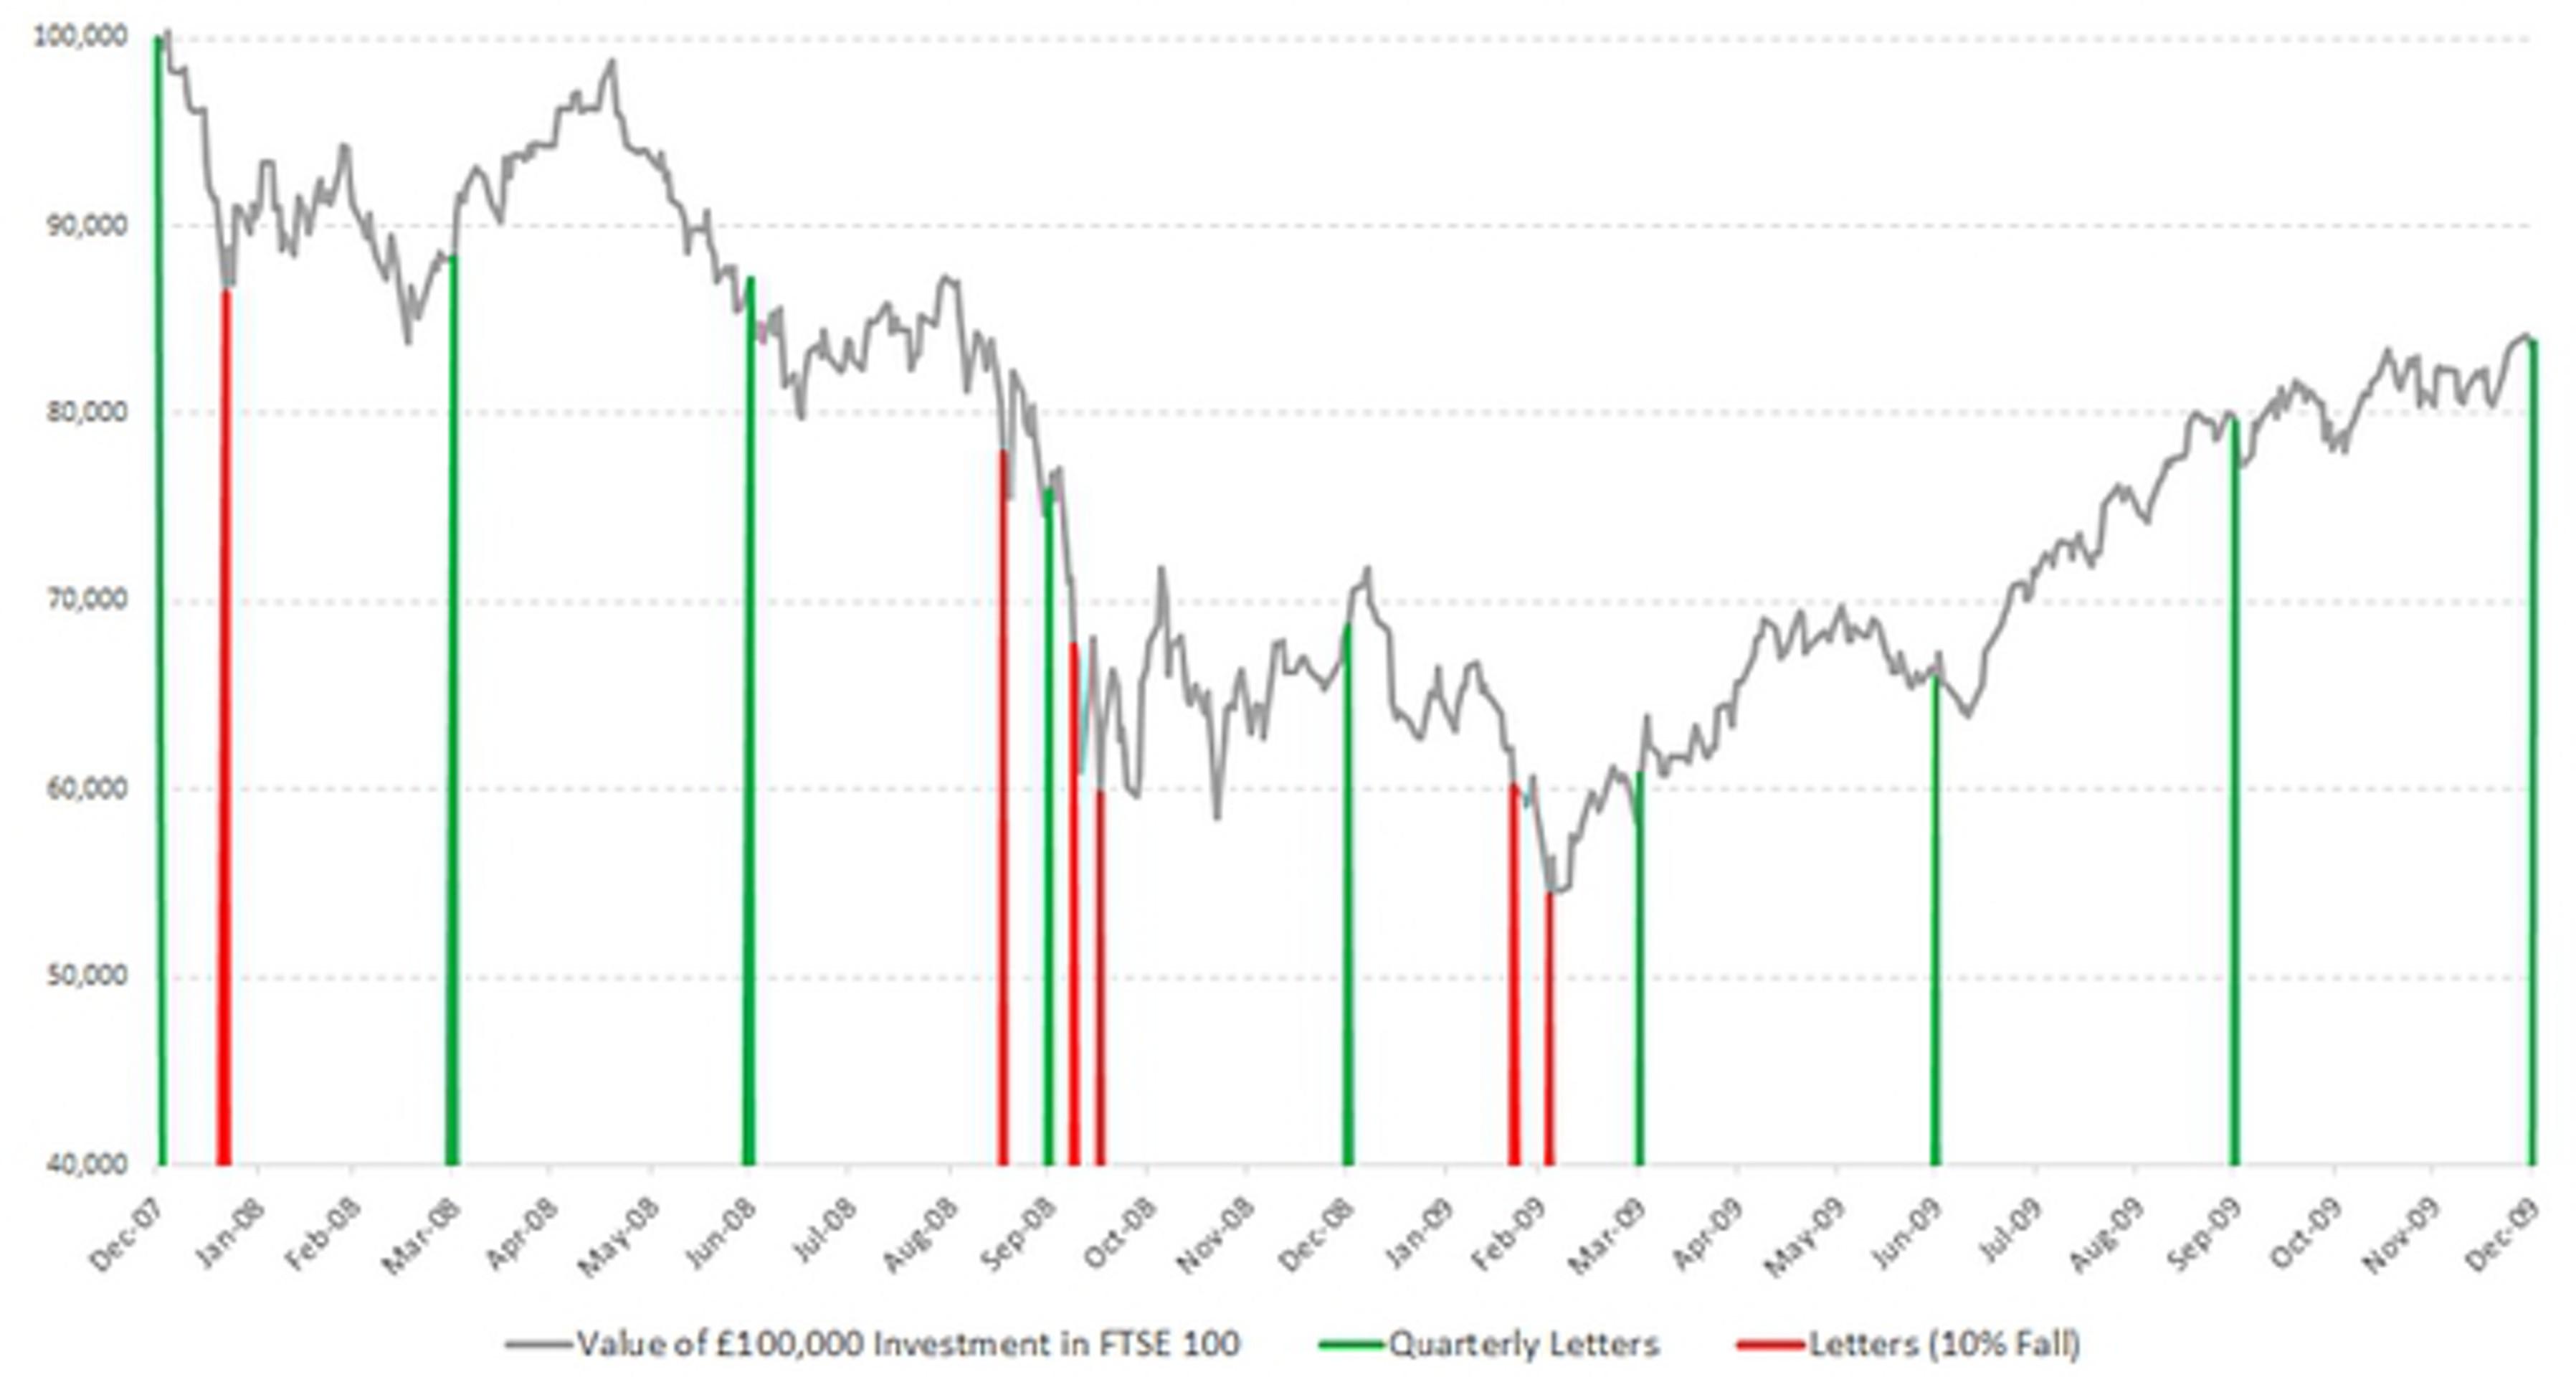 Инвестменеджеры боятся паники на рынке из-за MiFID